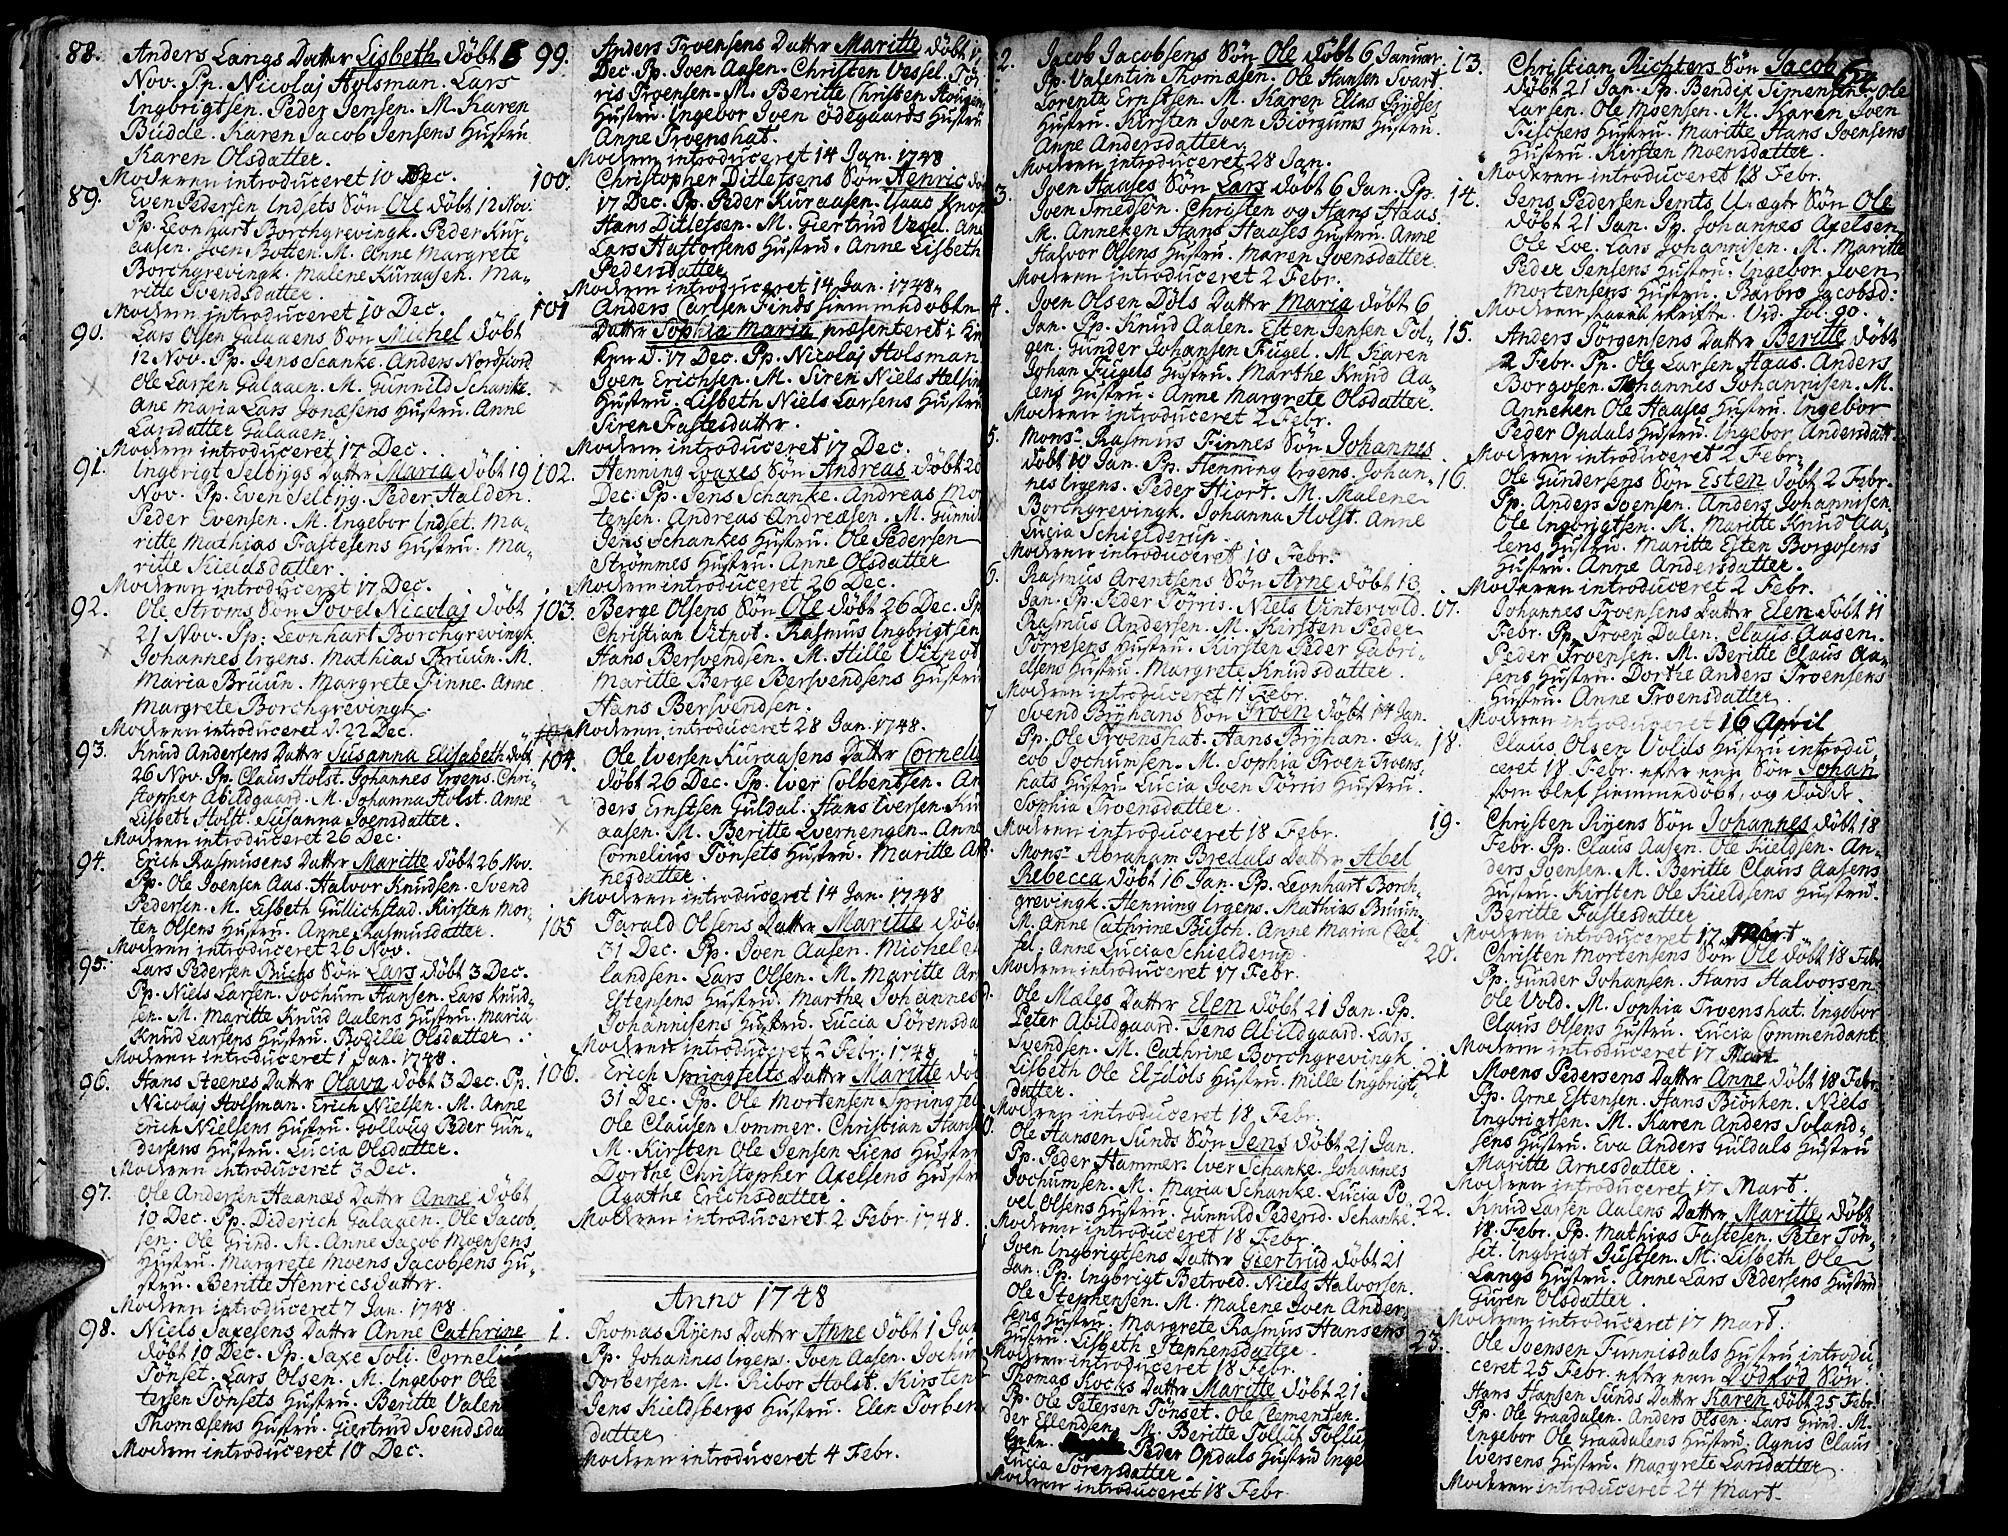 SAT, Ministerialprotokoller, klokkerbøker og fødselsregistre - Sør-Trøndelag, 681/L0925: Ministerialbok nr. 681A03, 1727-1766, s. 64